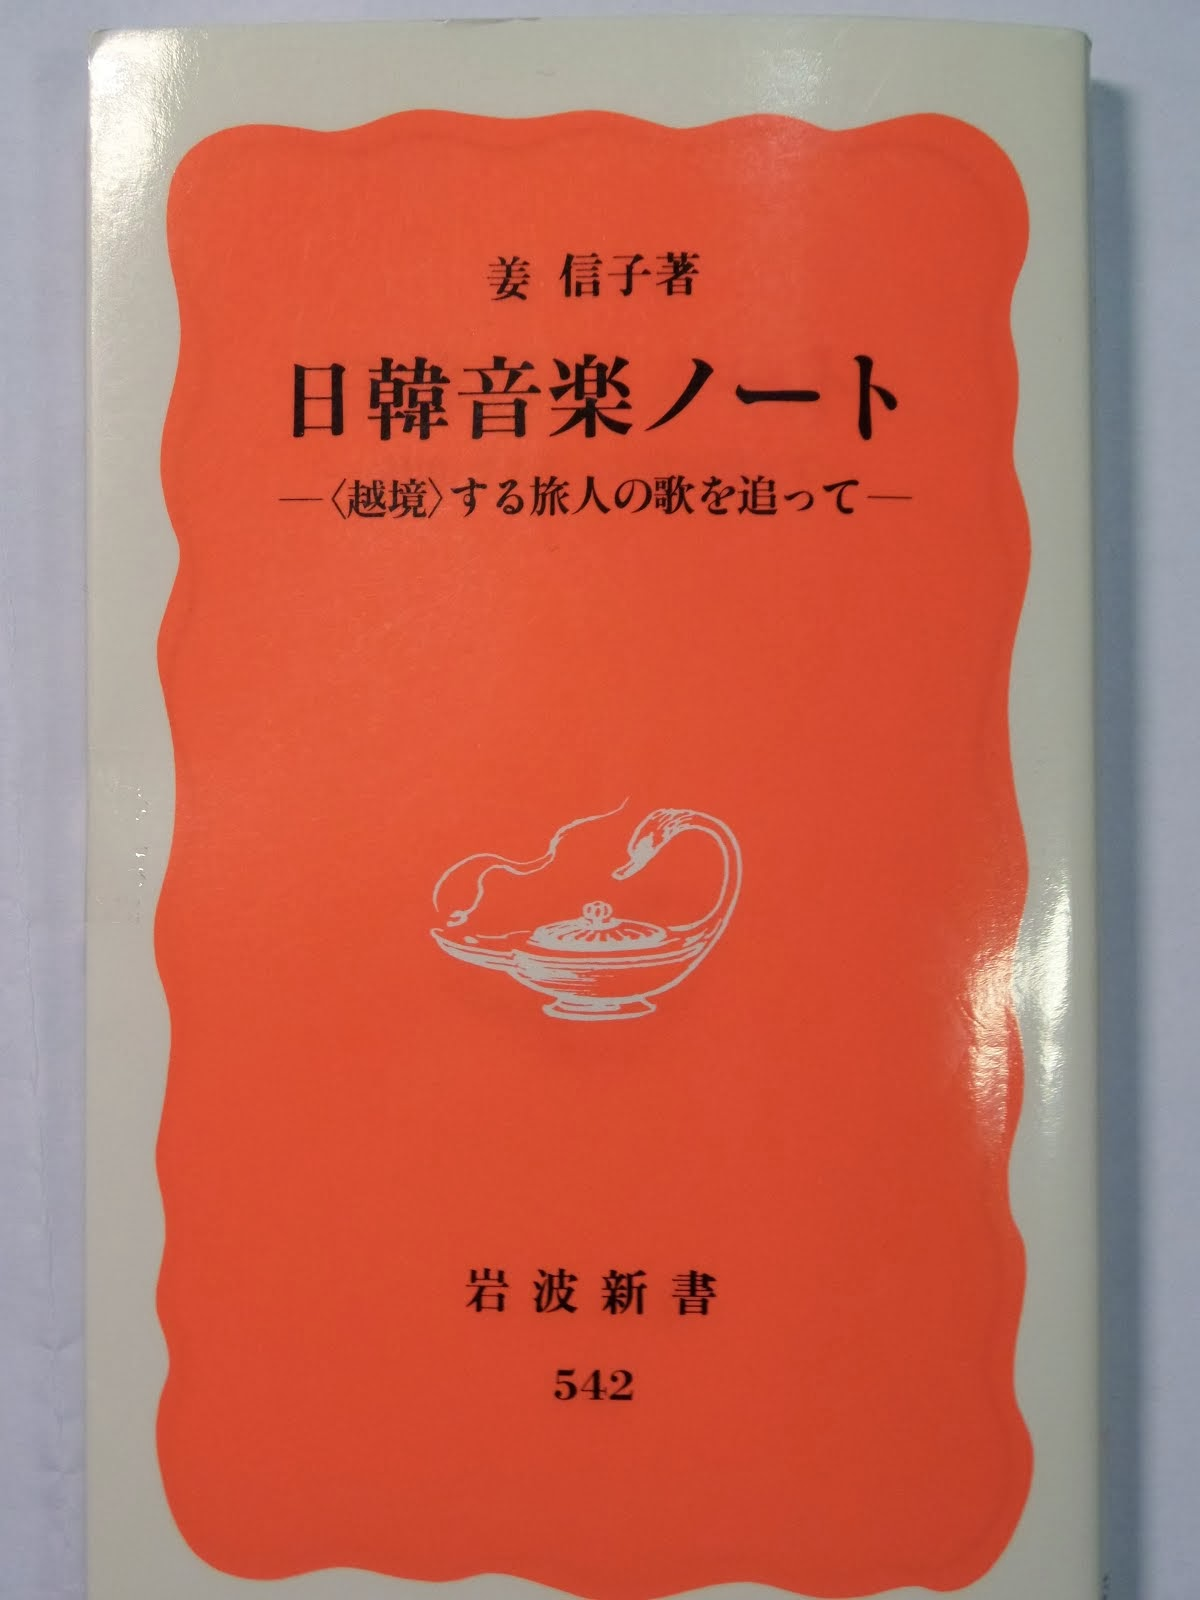 「日韓音楽ノート」姜 信子著 「日本の耳」小倉 朗著 文化比較論を超えて創造の「乱場」へ越境